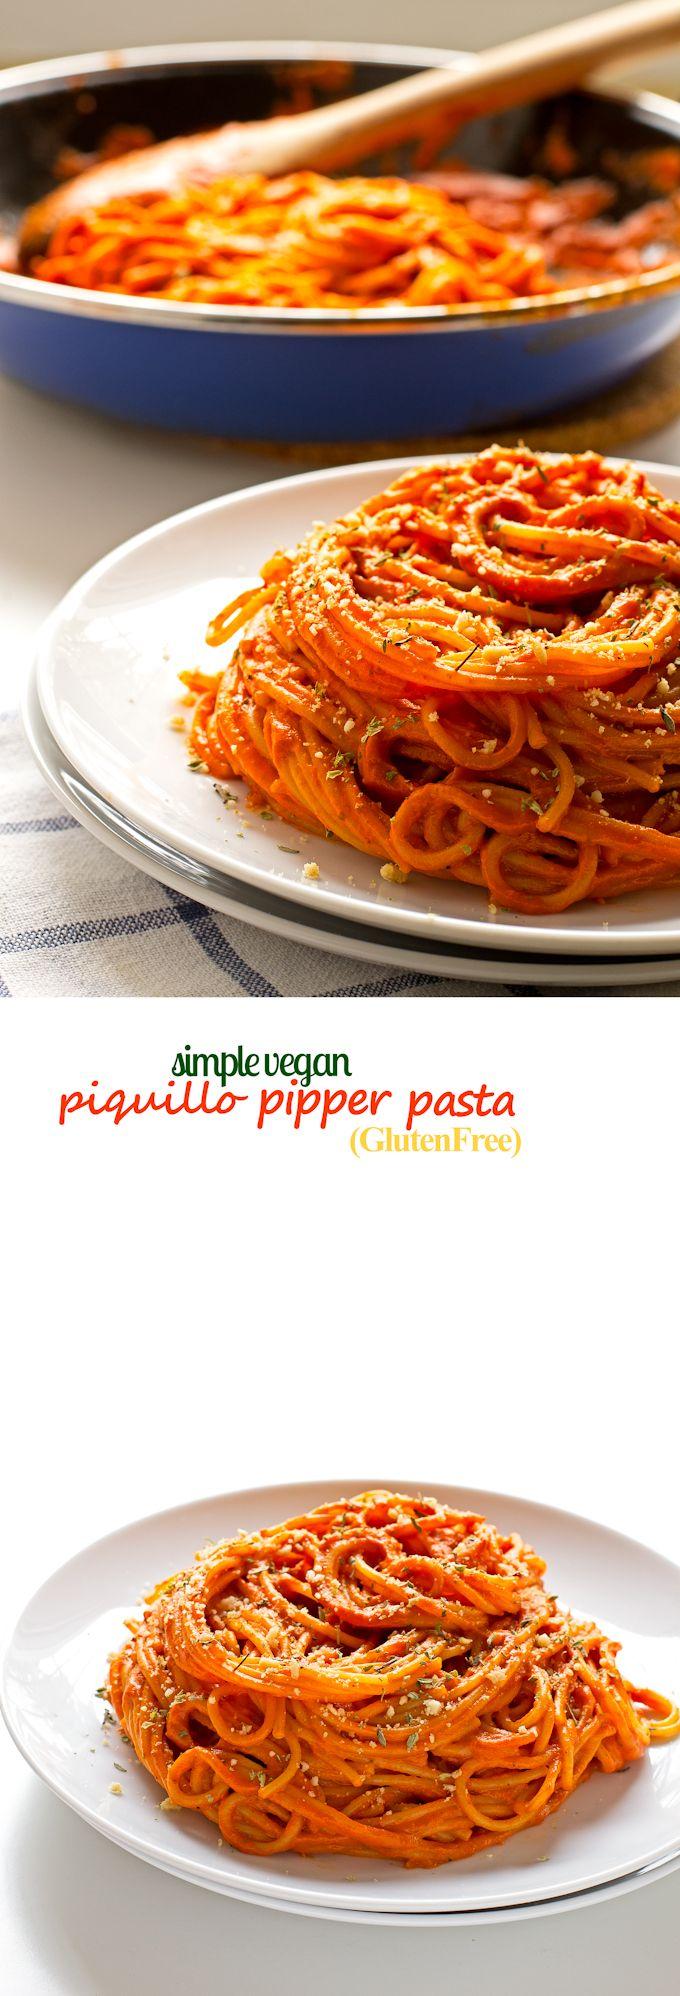 (Vegan and GF) Simple Vegan Piquillo Pepper Pasta (GF) #vegan #glutenfree